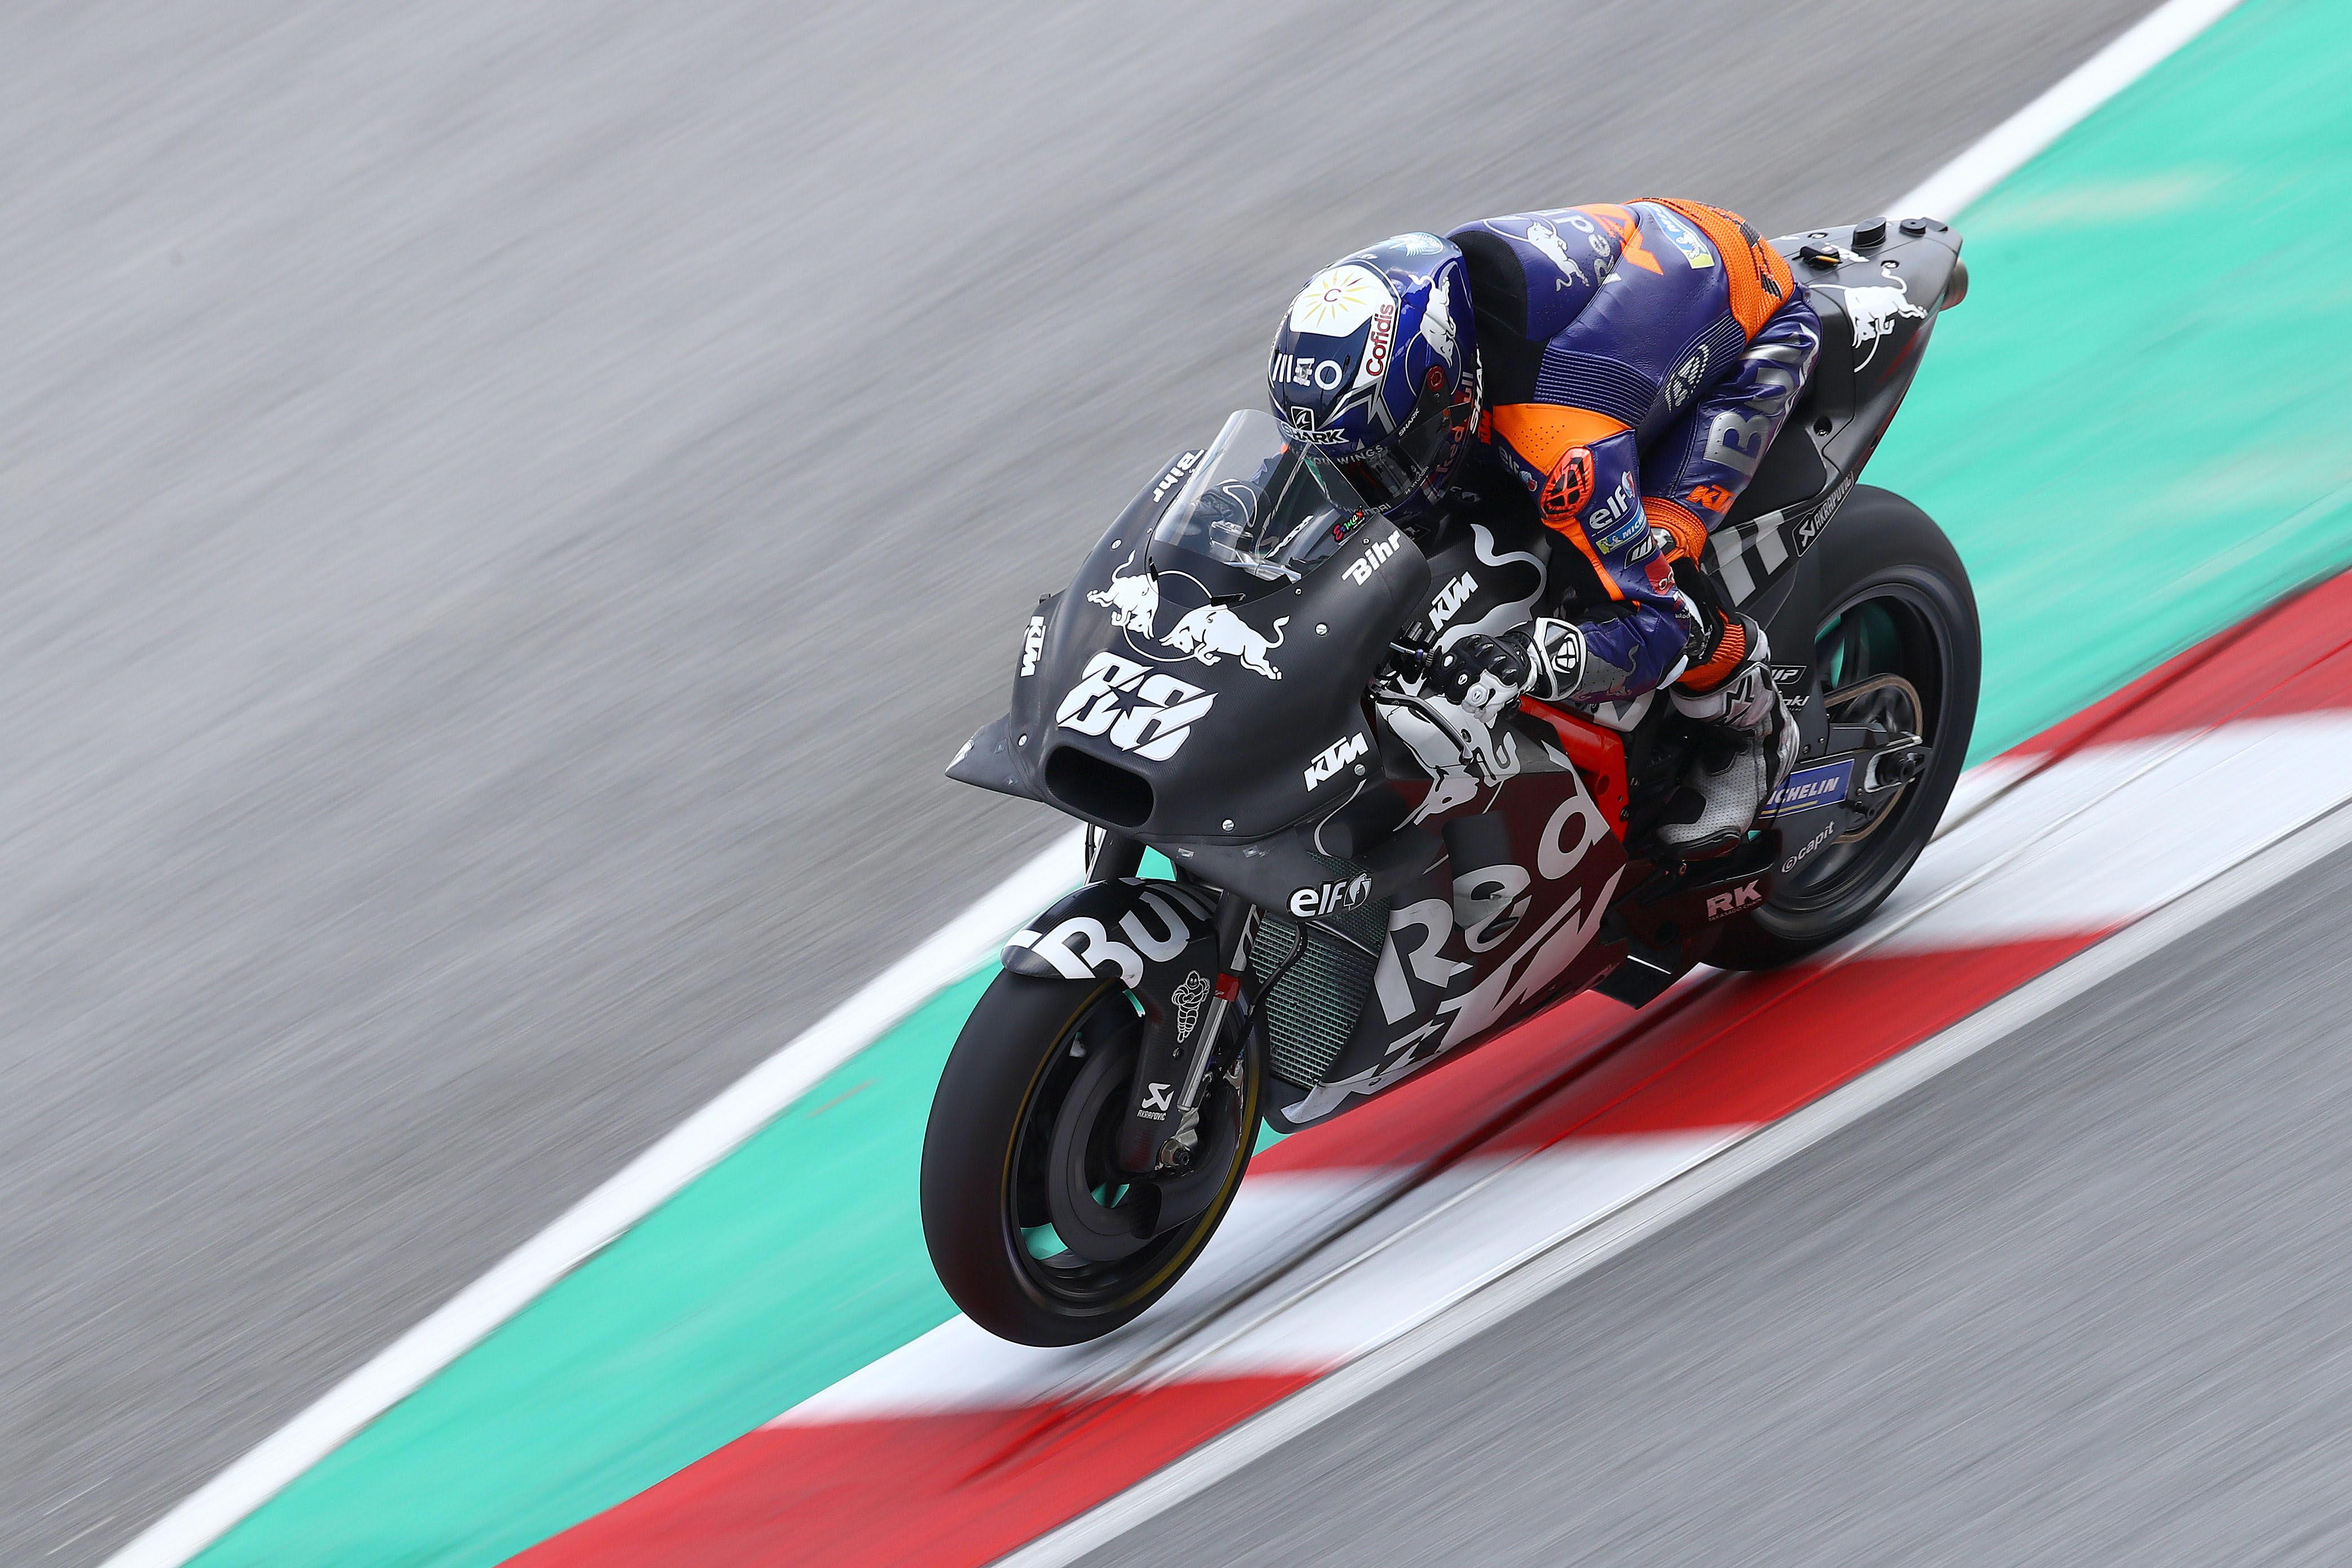 MotoGP,2020:Poncharal animado